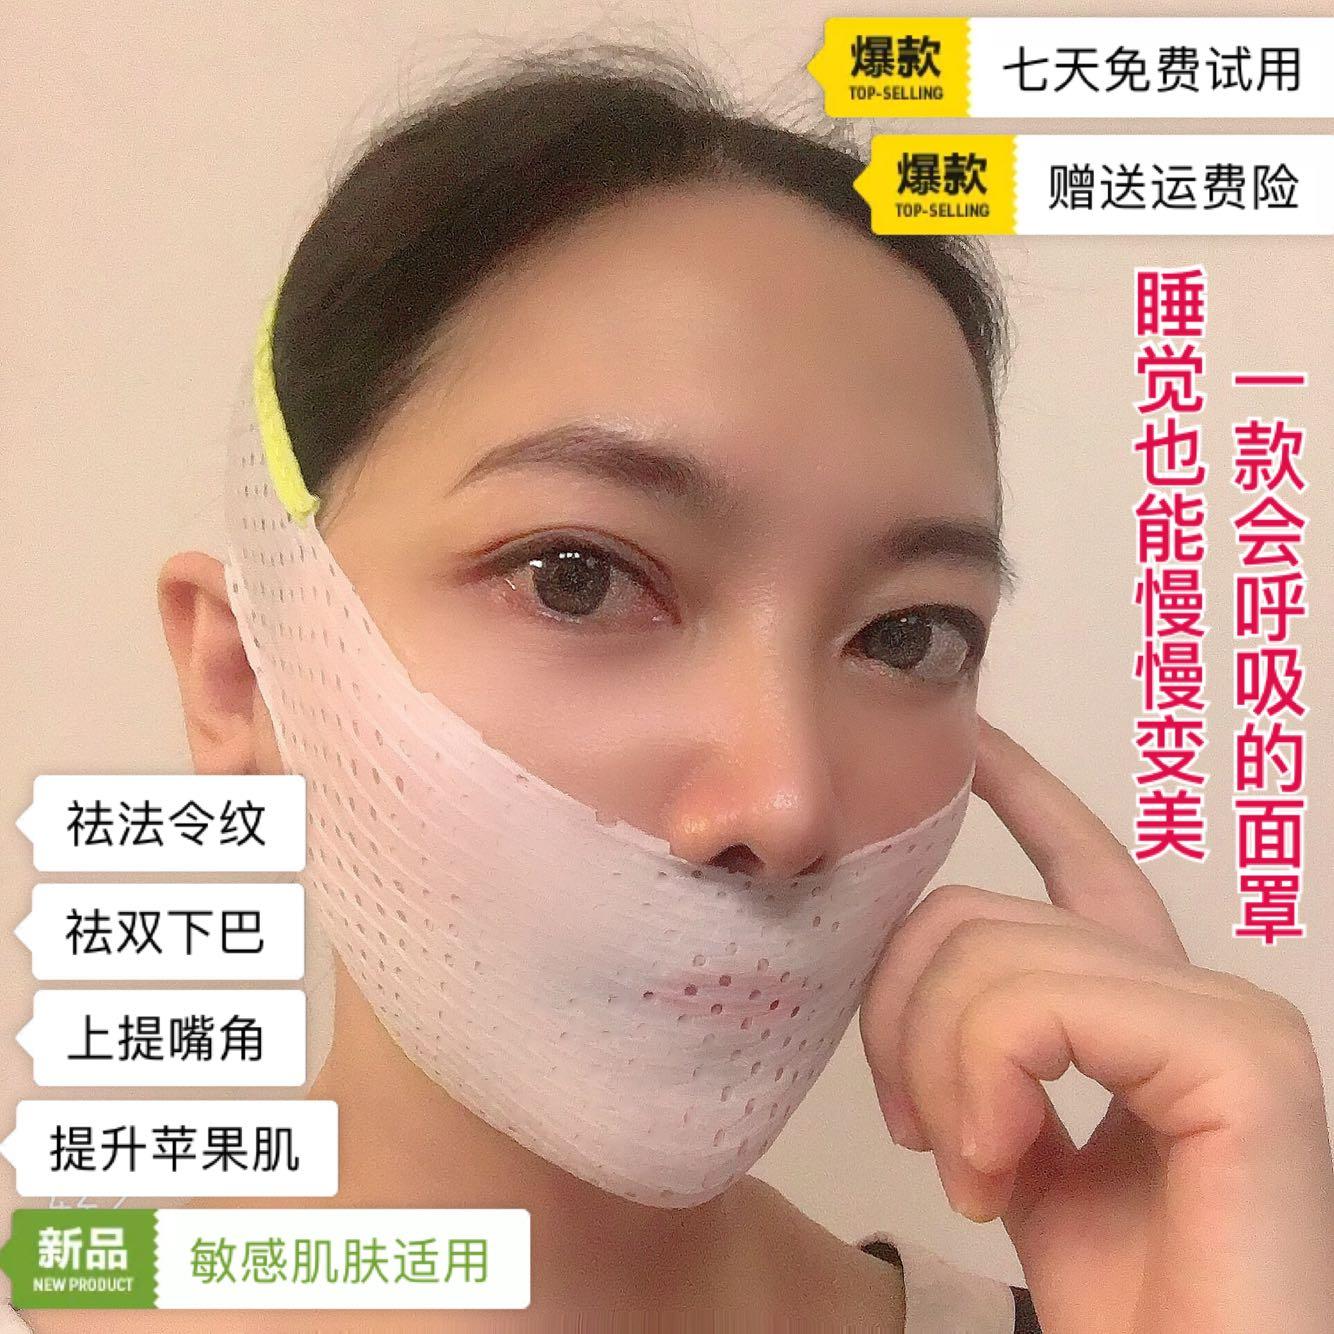 舒适祛法令纹半包边款睡眠面罩紧致提升带苹果肌v脸绷带线雕塑形